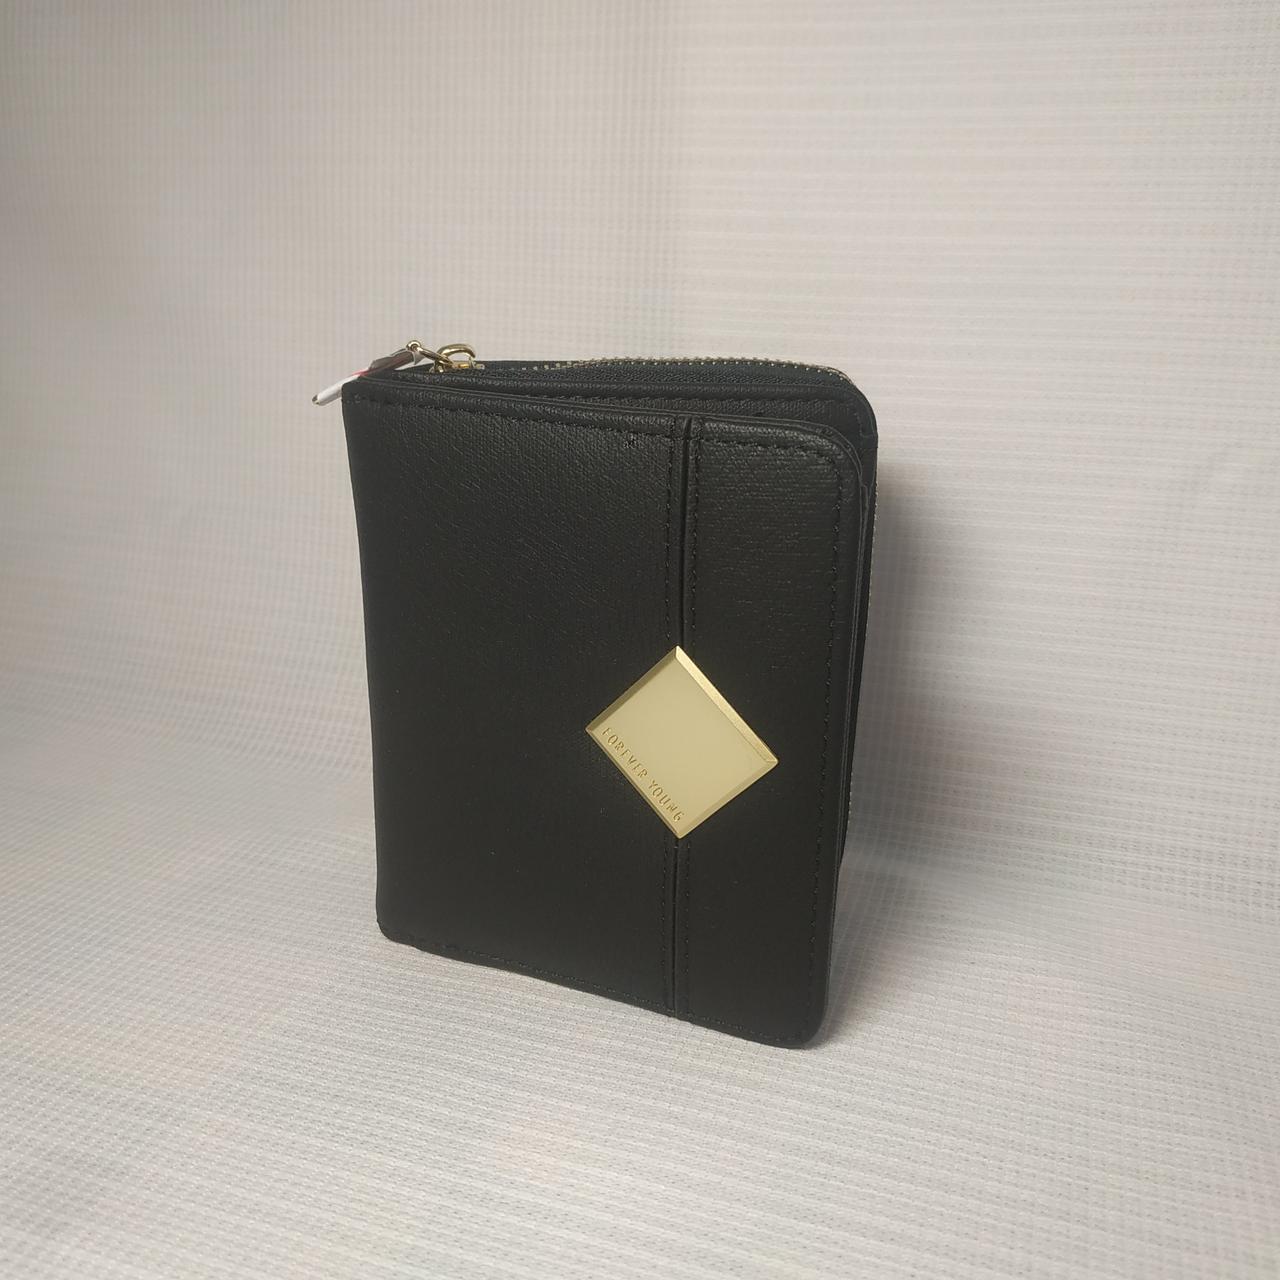 Небольшой классический женский кошелек портмоне из качественной PU кожи KBL-PU-0001